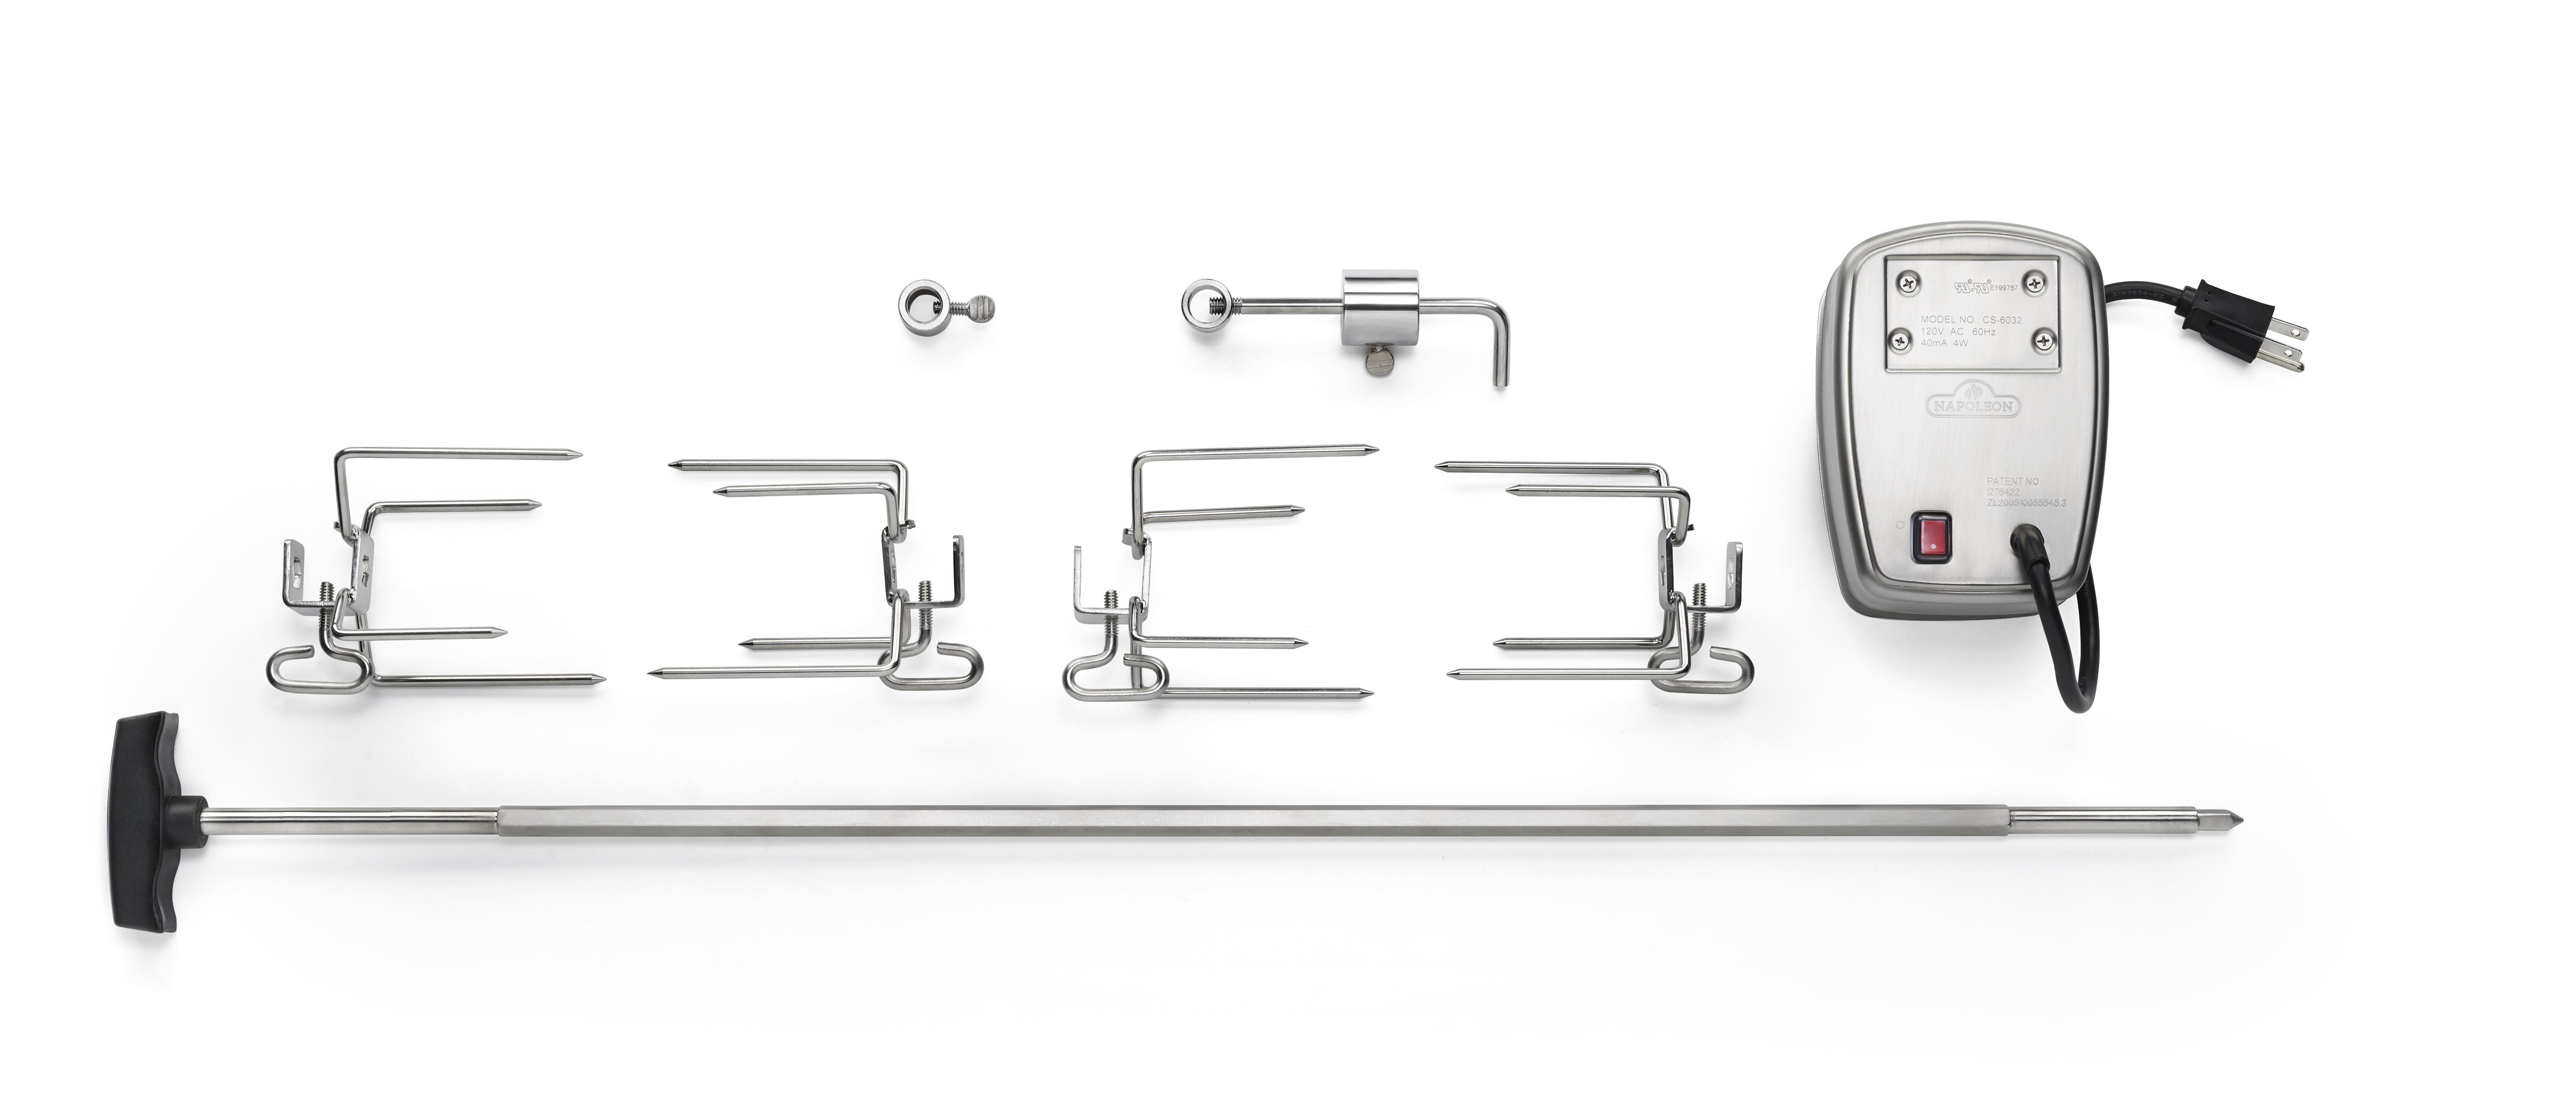 Commercial Grade Rotisserie Kit for Large Grills